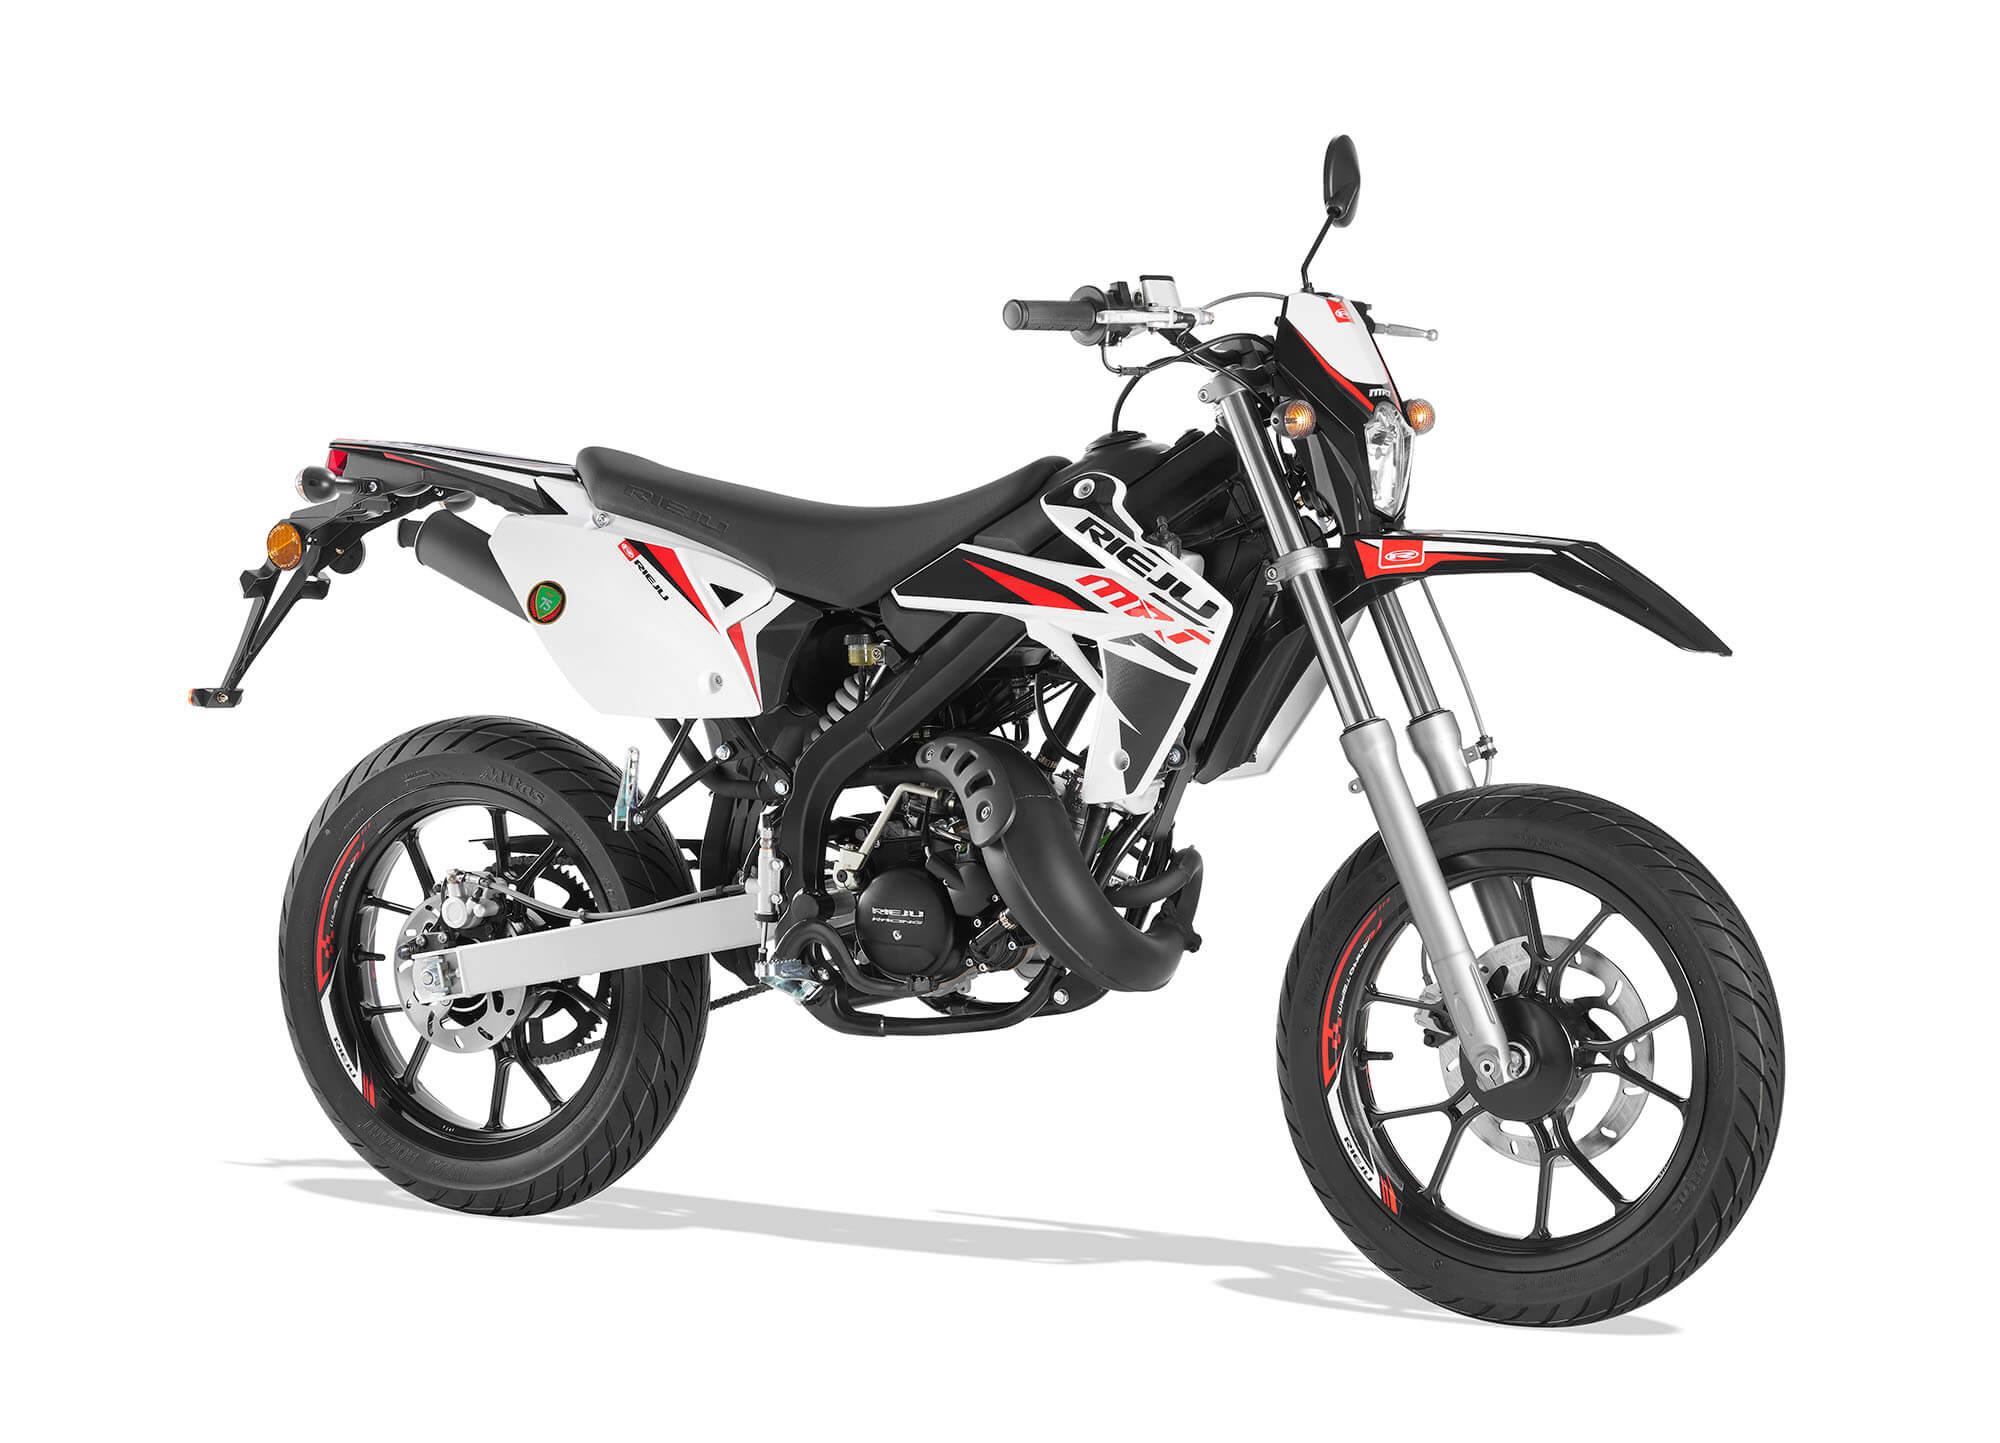 comprar-motos-rieju-mrt-supermotard-50-blanco-motissimo-barcelona